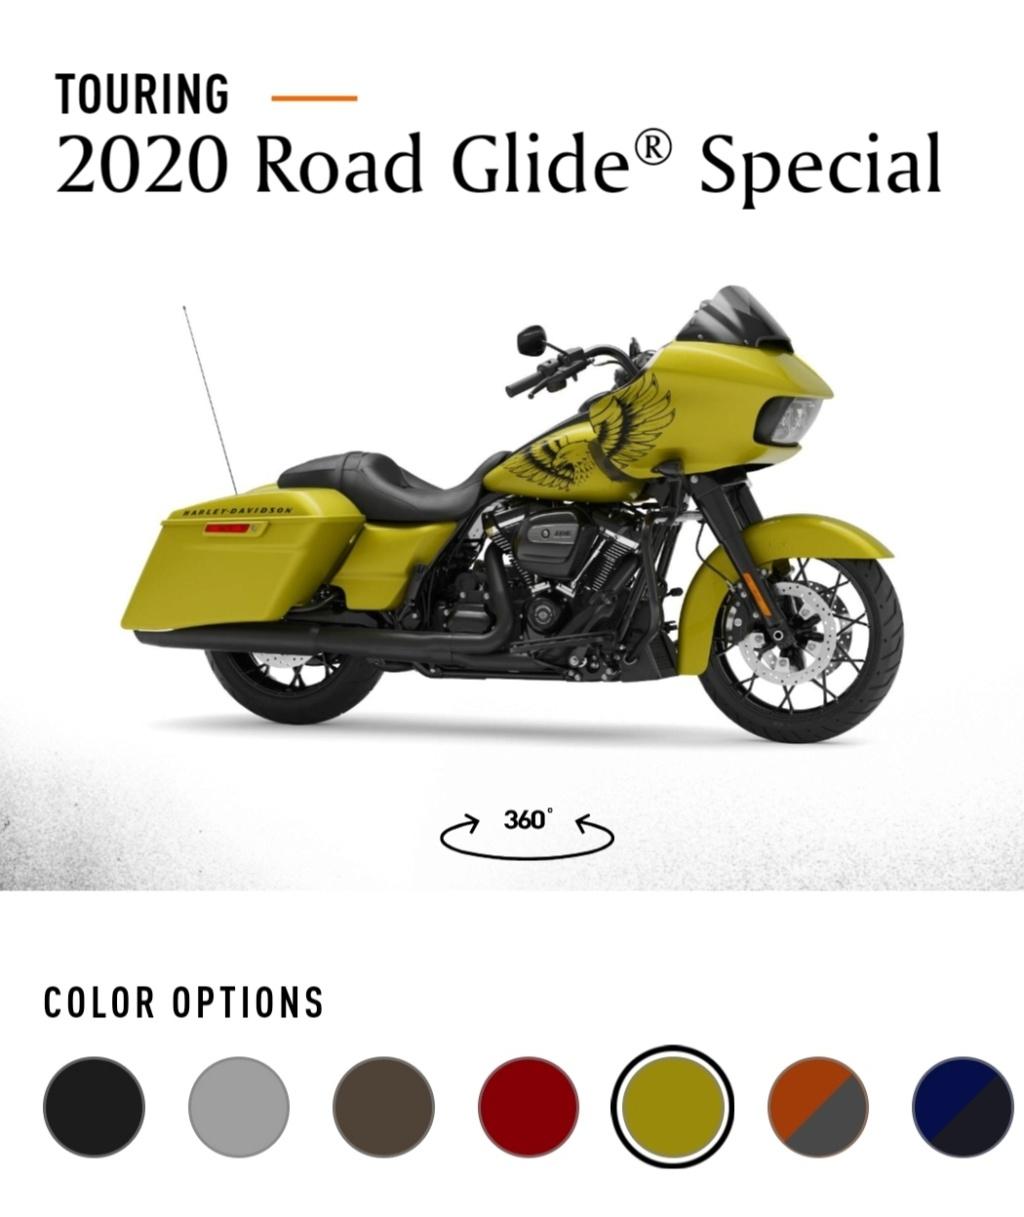 road glide 2020 Seulement 900 disponibles dans le monde Img_2846